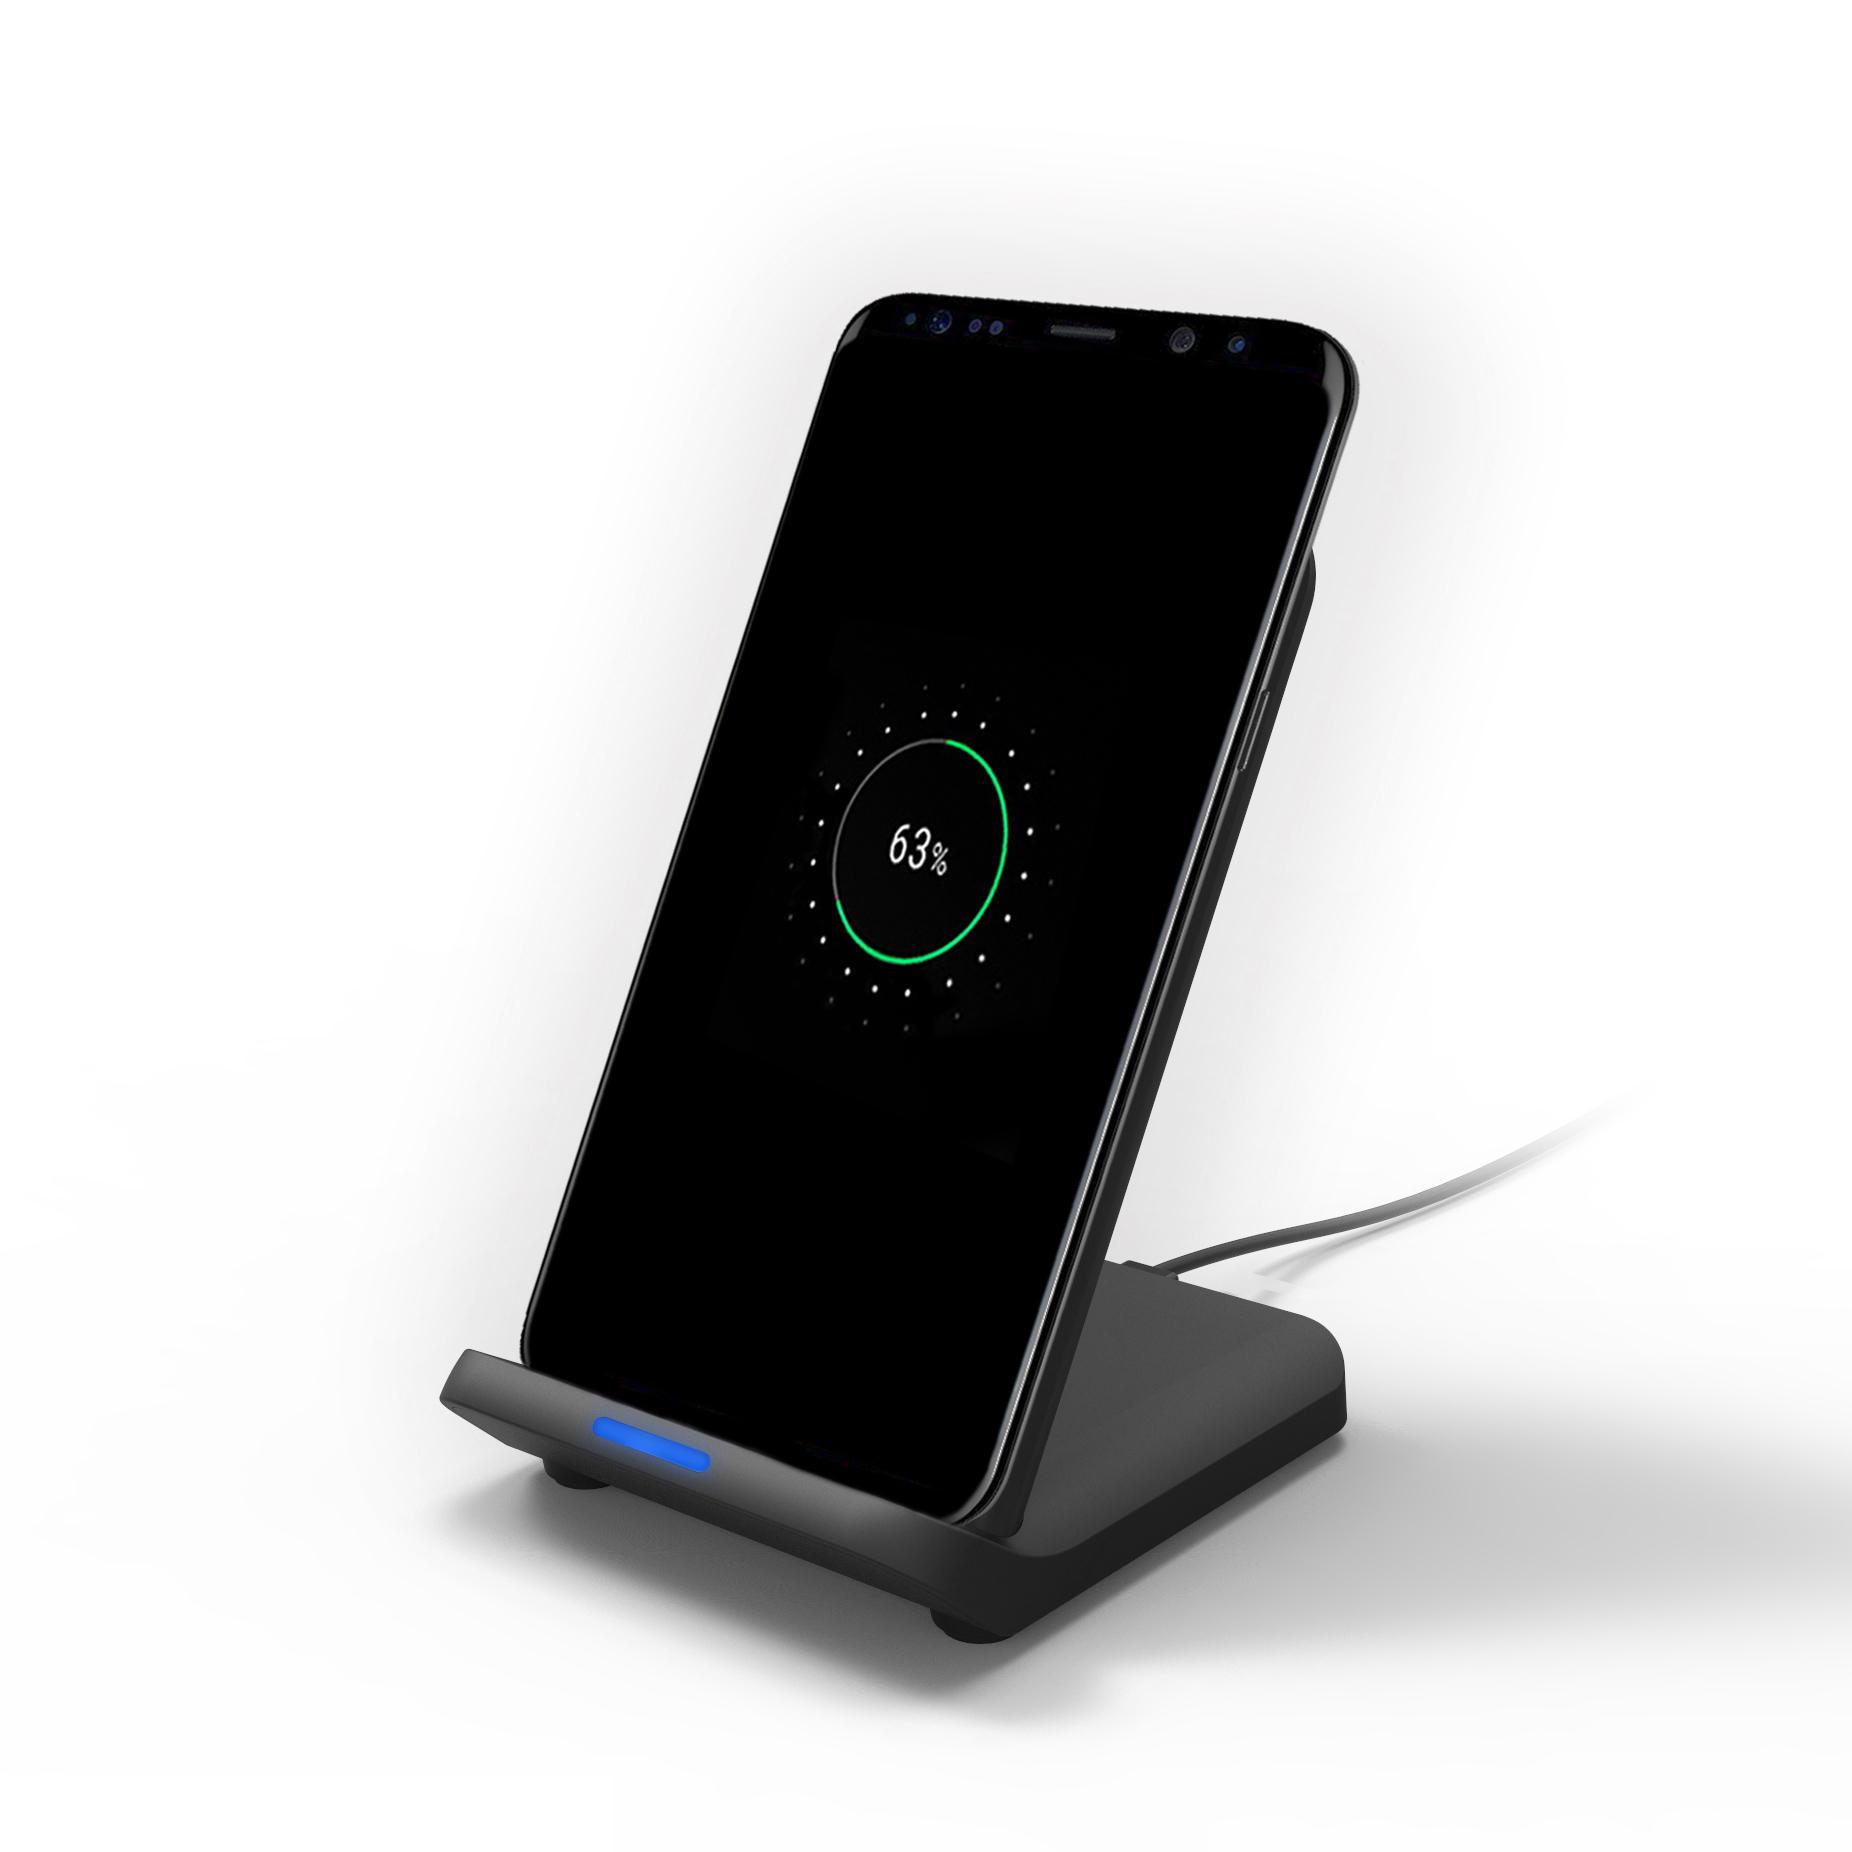 Bakeey K9 Qi 15 Вт с двойной катушкой для быстрой зарядки Беспроводная док-станция для зарядного устройства Pad для Samsung S10 + Xiaomi 9T 9Pro HUAWEI P30Pro